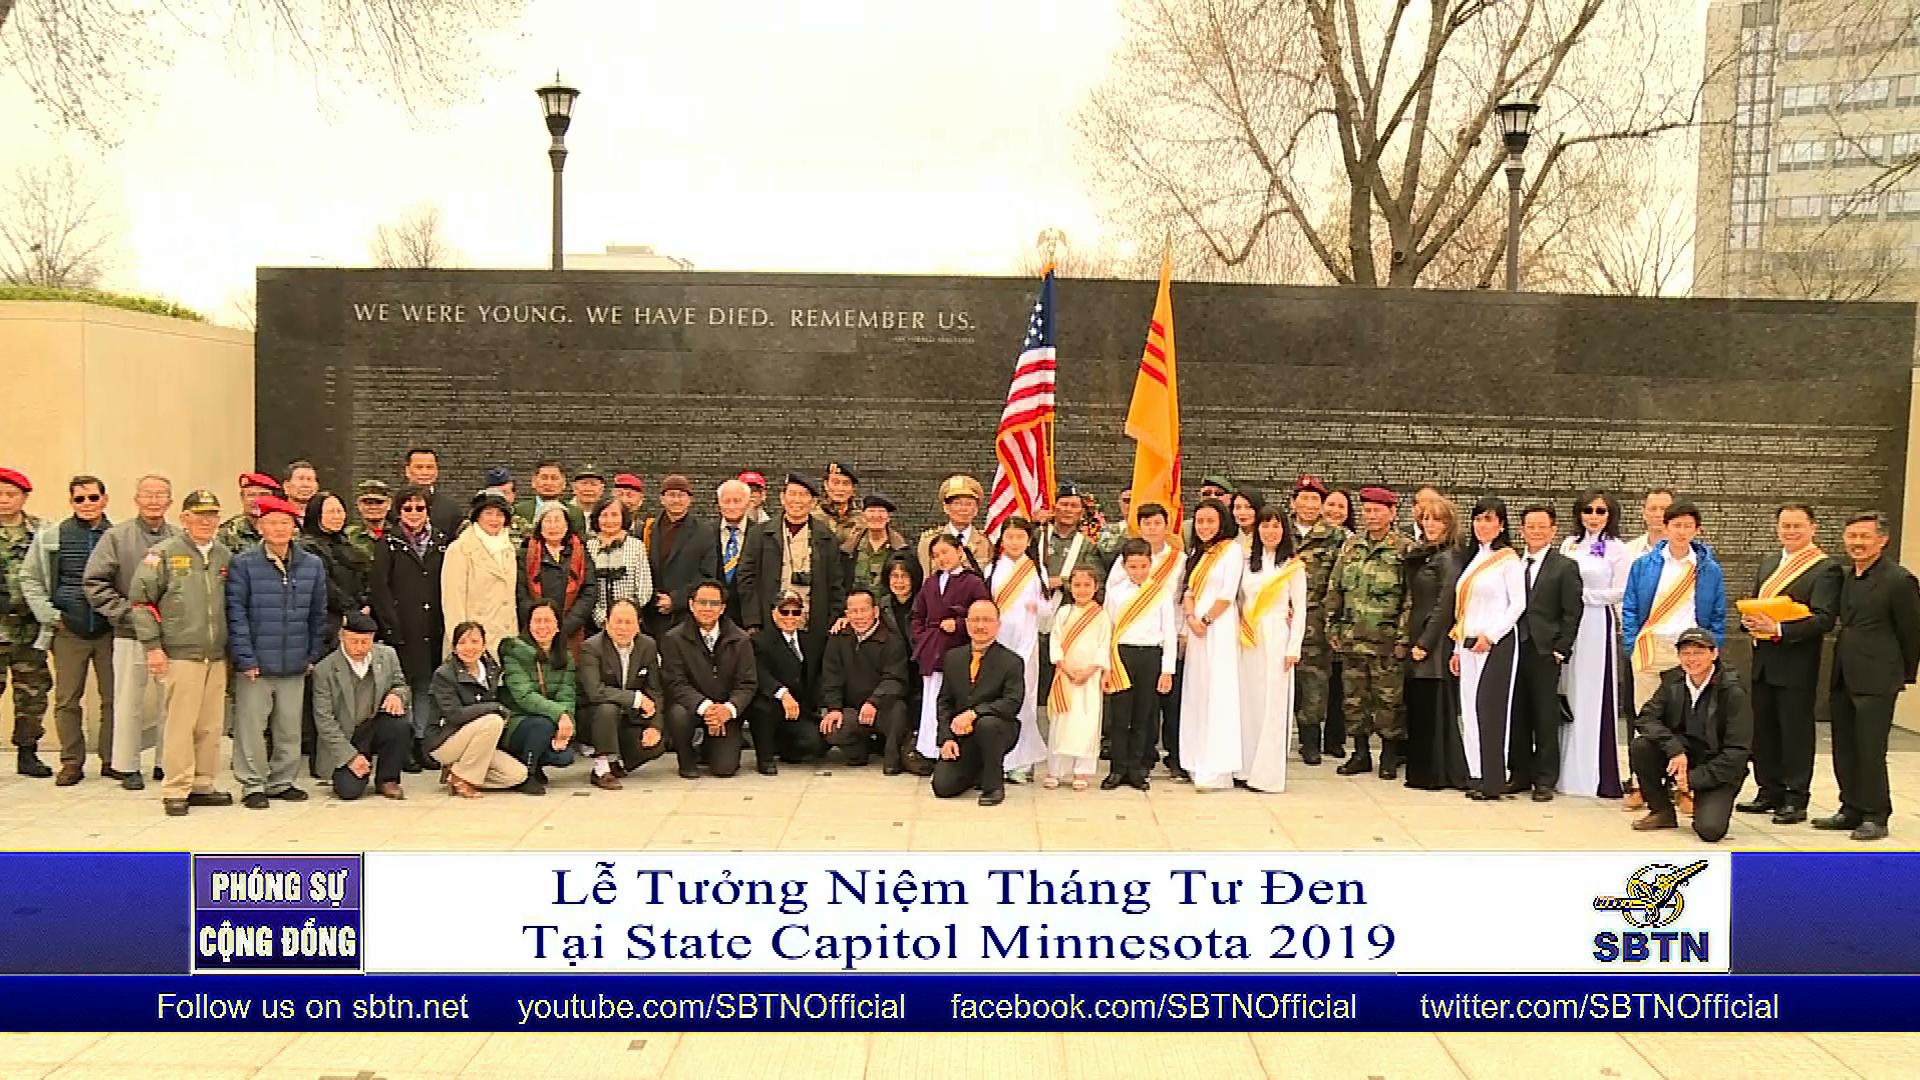 Tưởng niệm tháng Tư đen tại State Capitol Minnesota 2019